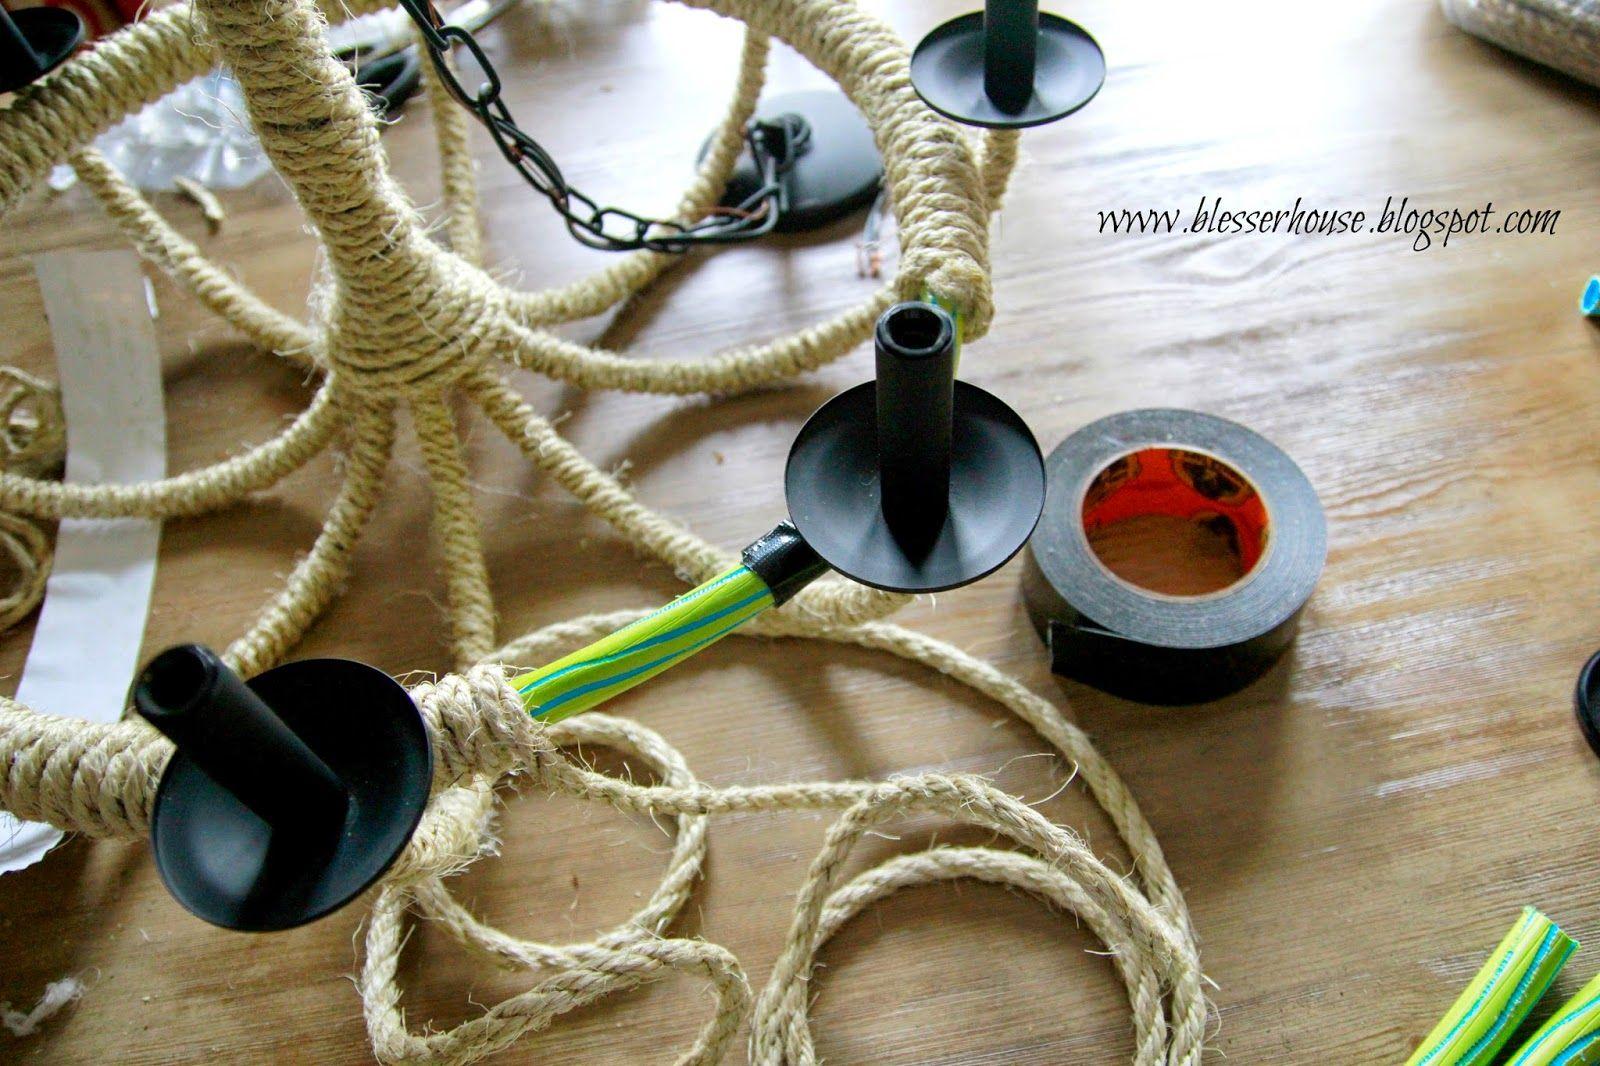 DIY Restoration Hardware KnockOff Rope Chandelier Bless